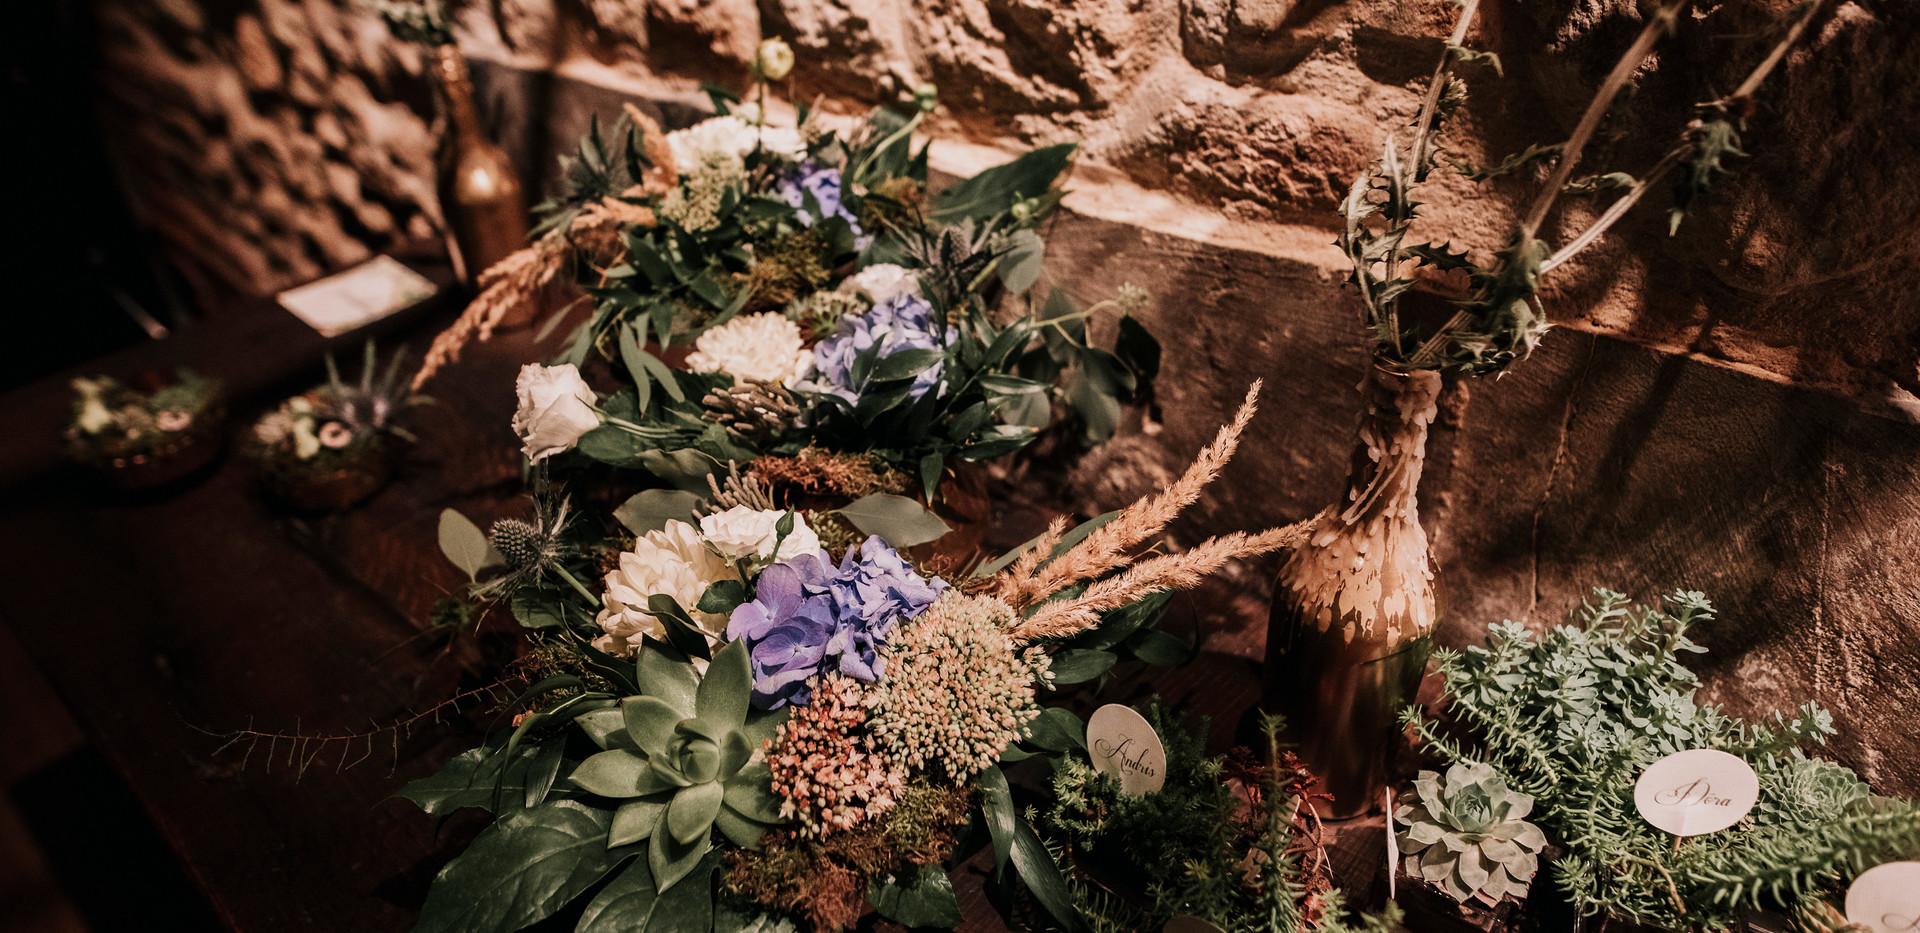 Virágok mindenütt, a dekoráció fő eleme az élővirág dísz volt!